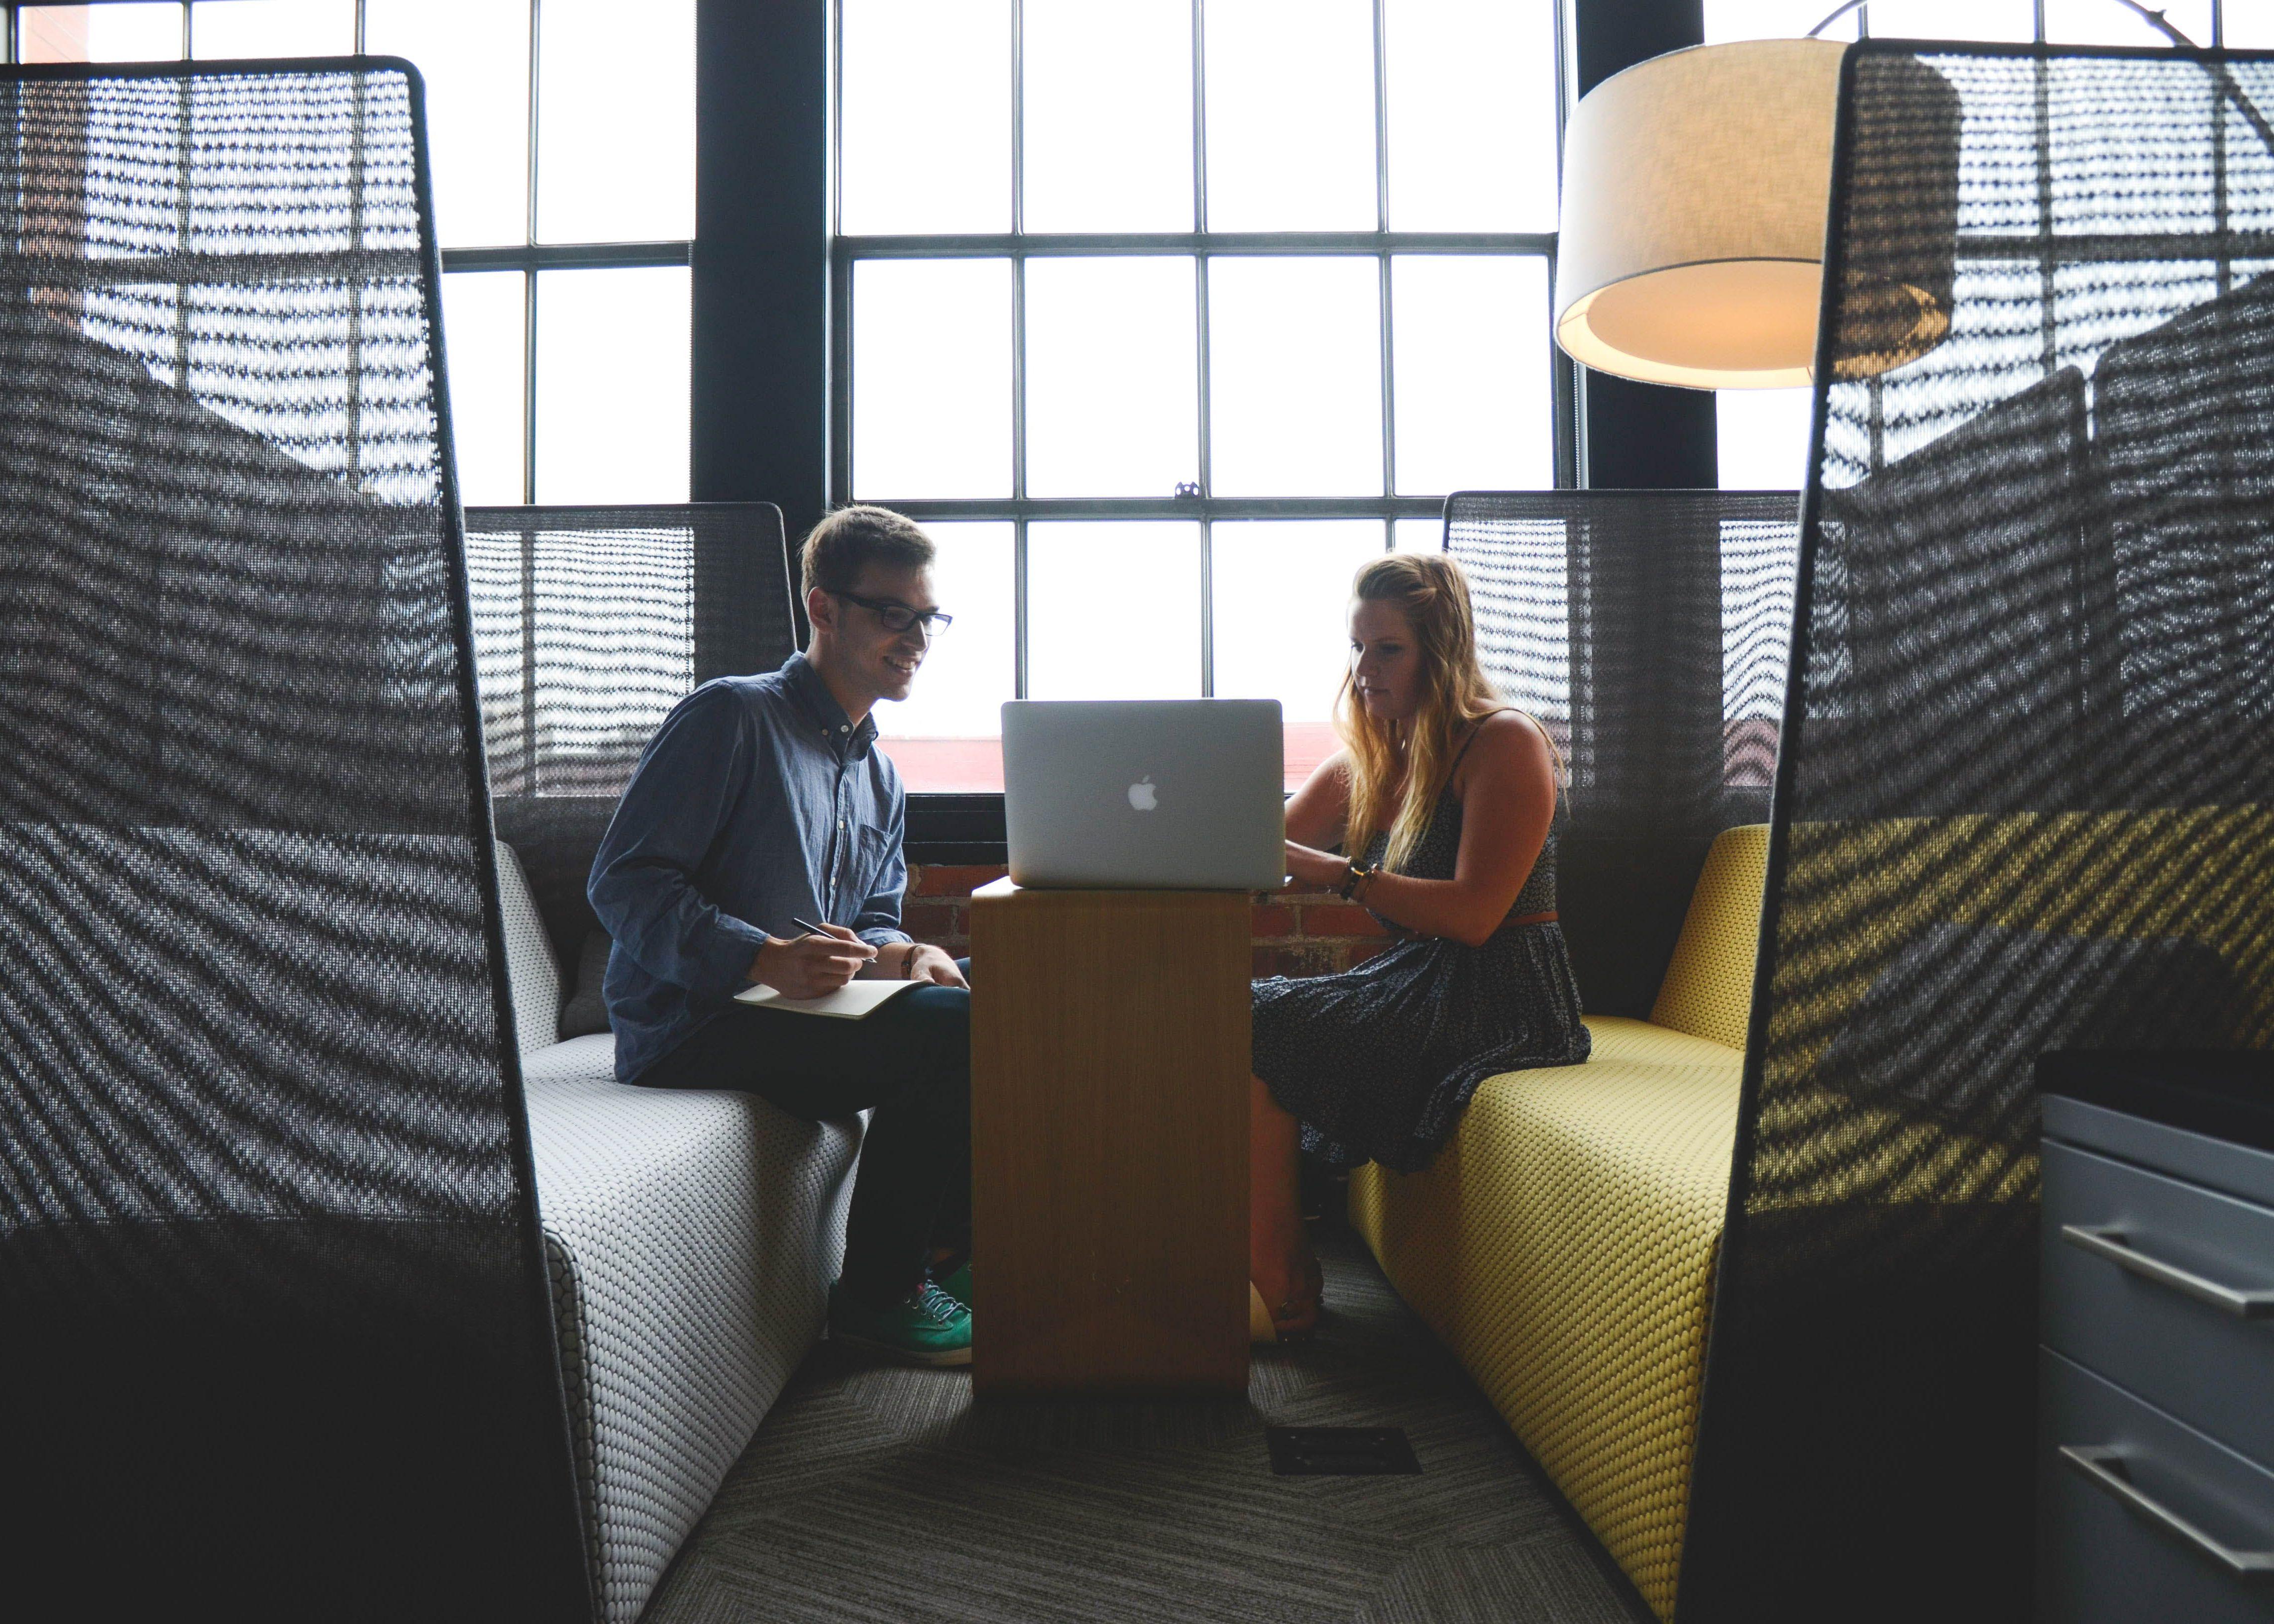 通过网络申请办理小额贷款有哪些注意事项?